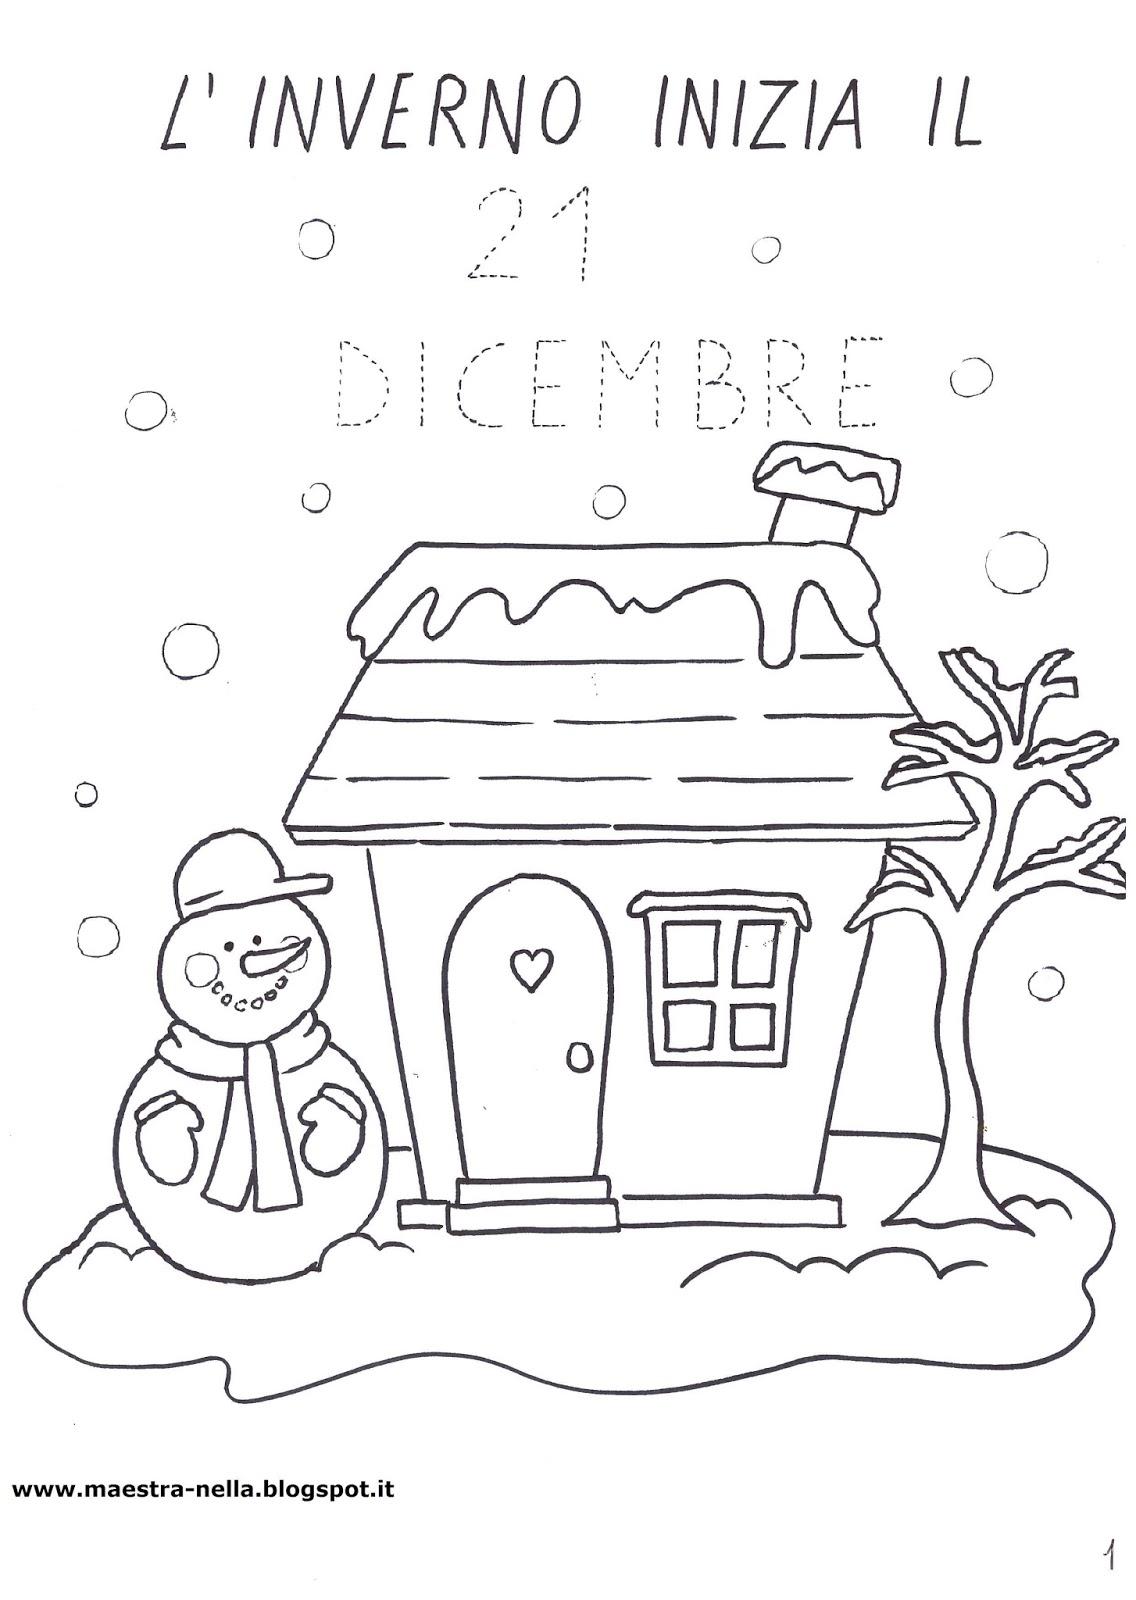 Maestra nella il libro dell 39 inverno for Maestra mary inverno addobbi